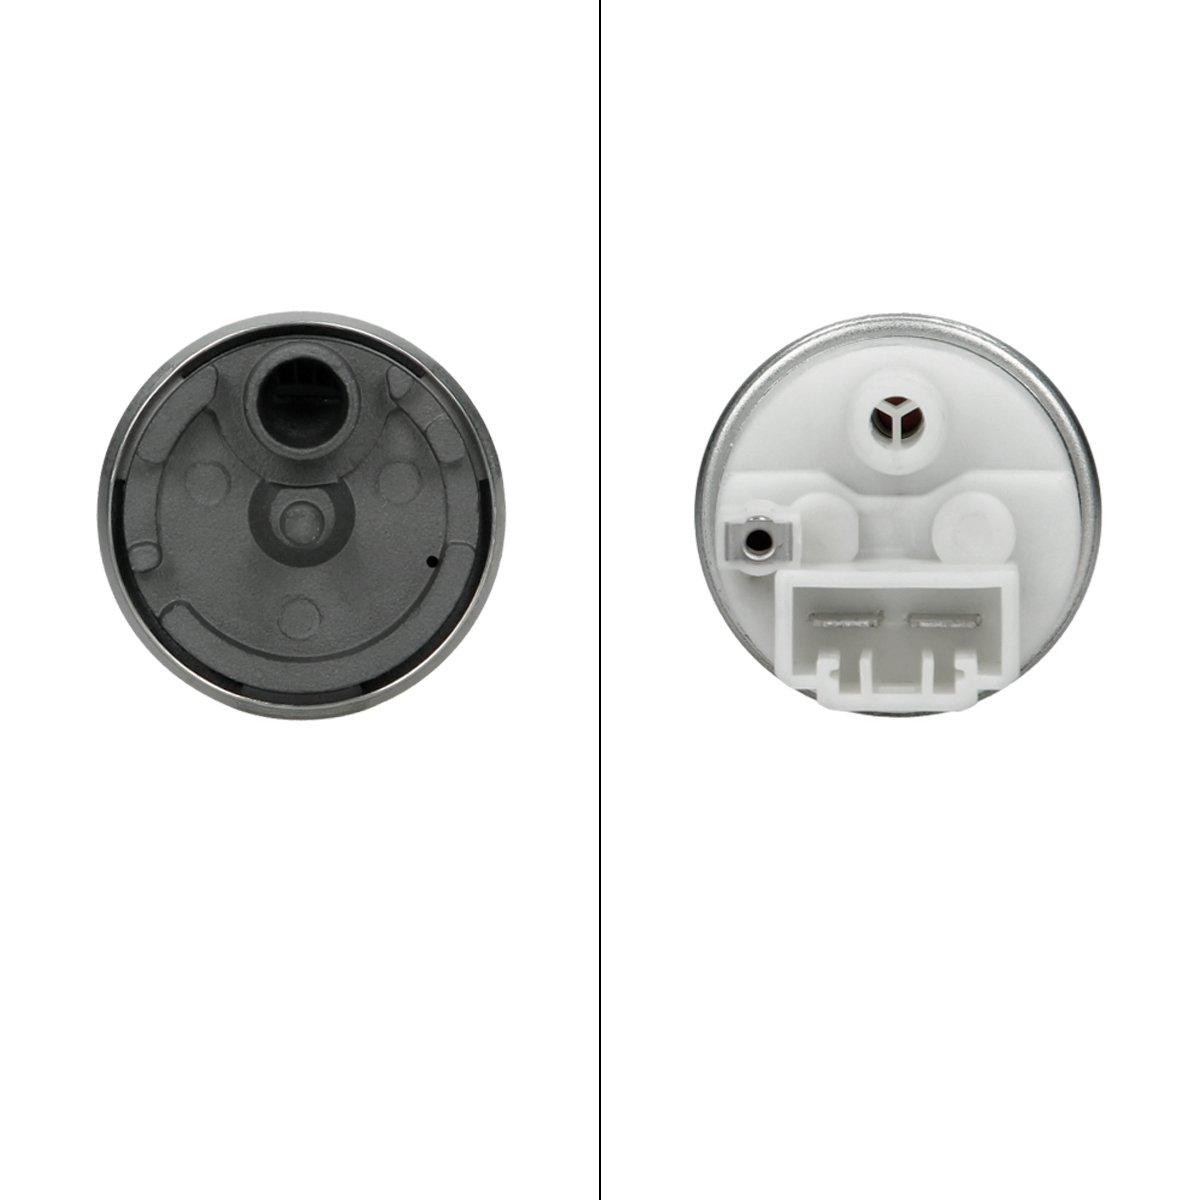 ECD Germany KP032 Benzinpumpe Kraftstoffpumpe Kraftstofff/örderung elektrisch 12V 3,8 bar